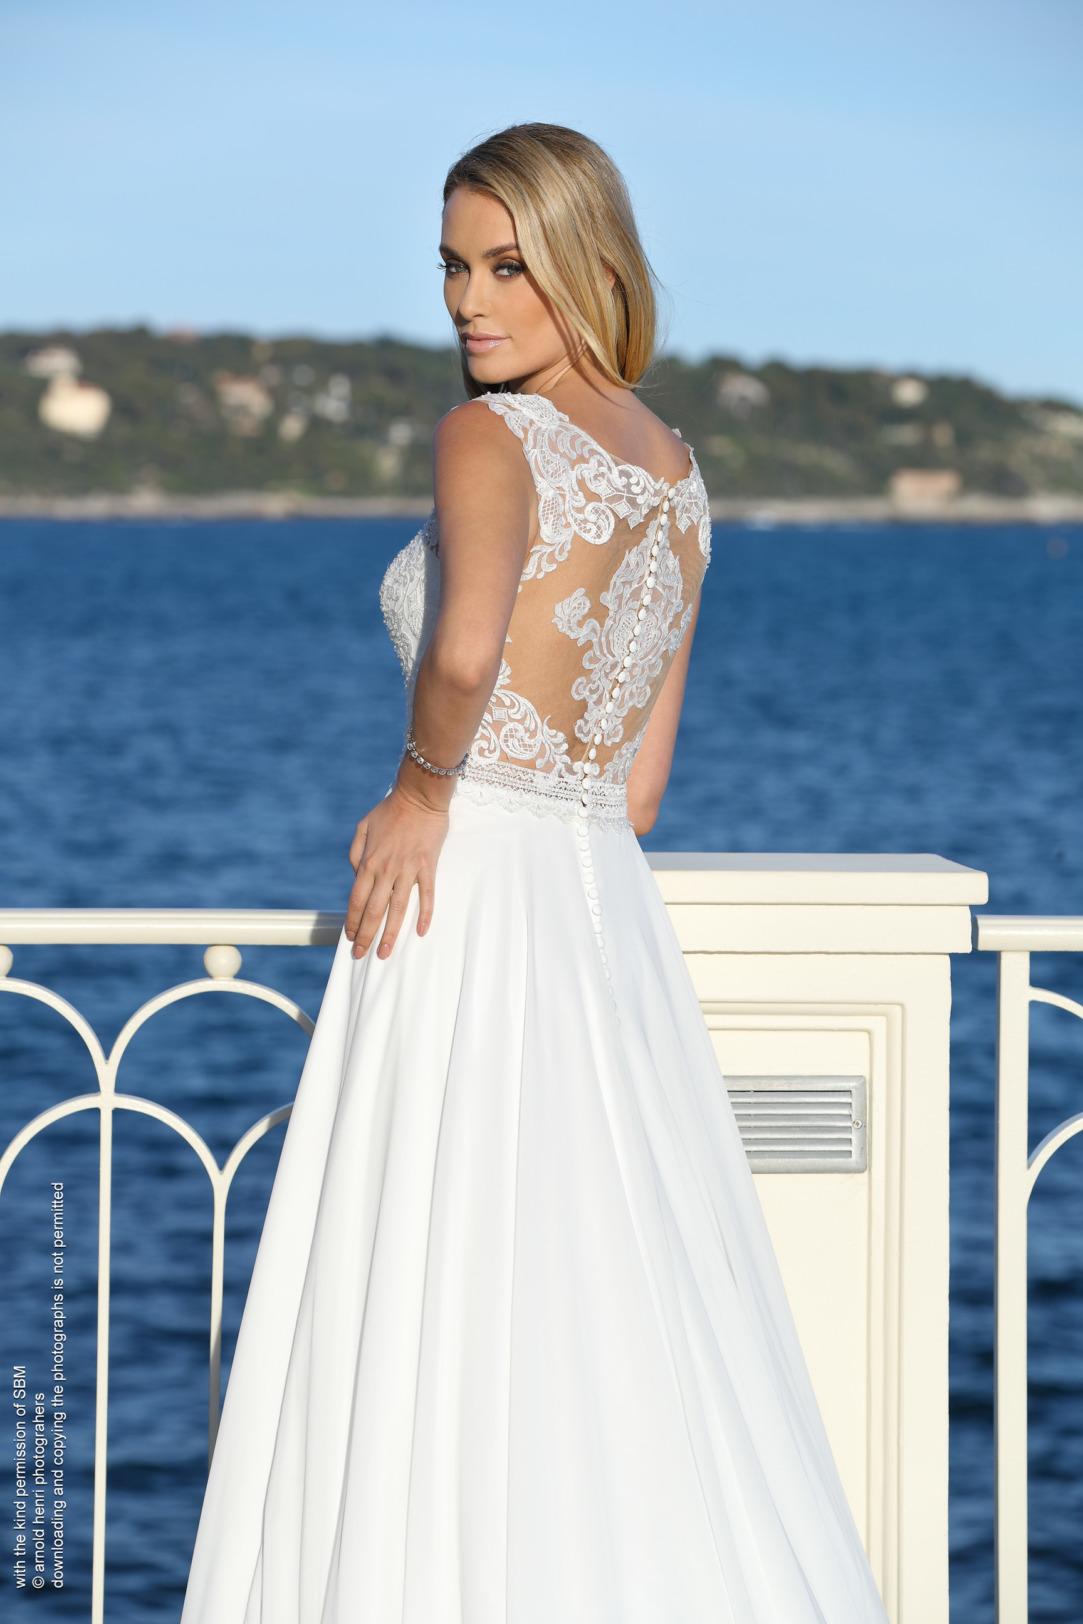 Brautkleider Hochzeitskleider Mode A Linie Ladybird mit V-Ausschnitt breite Täger Spitze im Oberteil weiter Chiffon Rock schlicht mit Schleppe Rückansicht Nahaufnahme